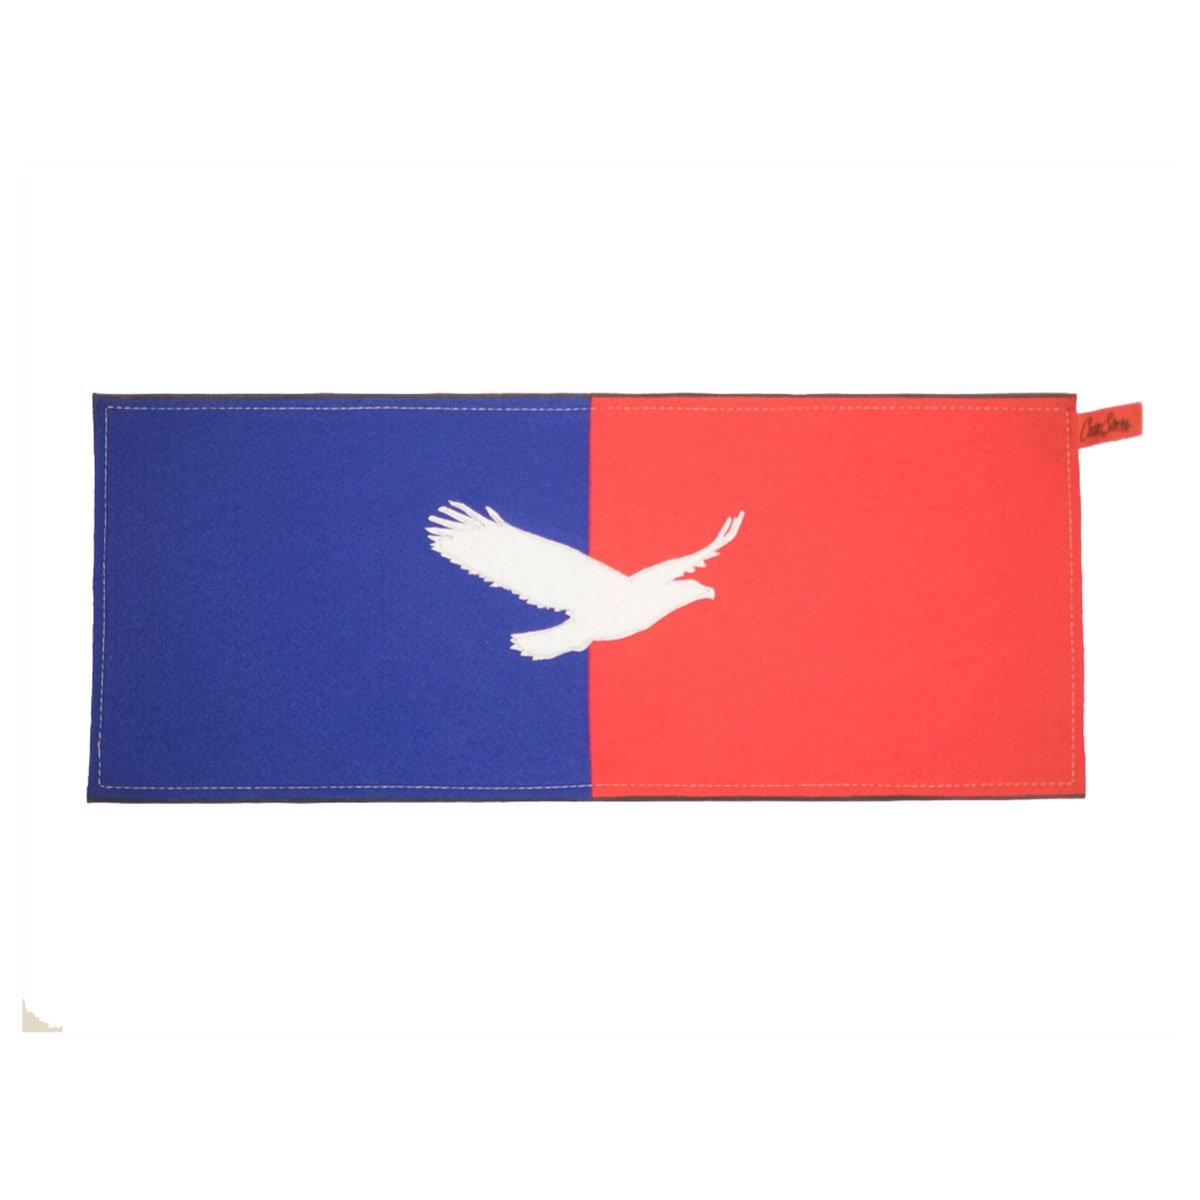 Image of Eagle 18 Felt liner